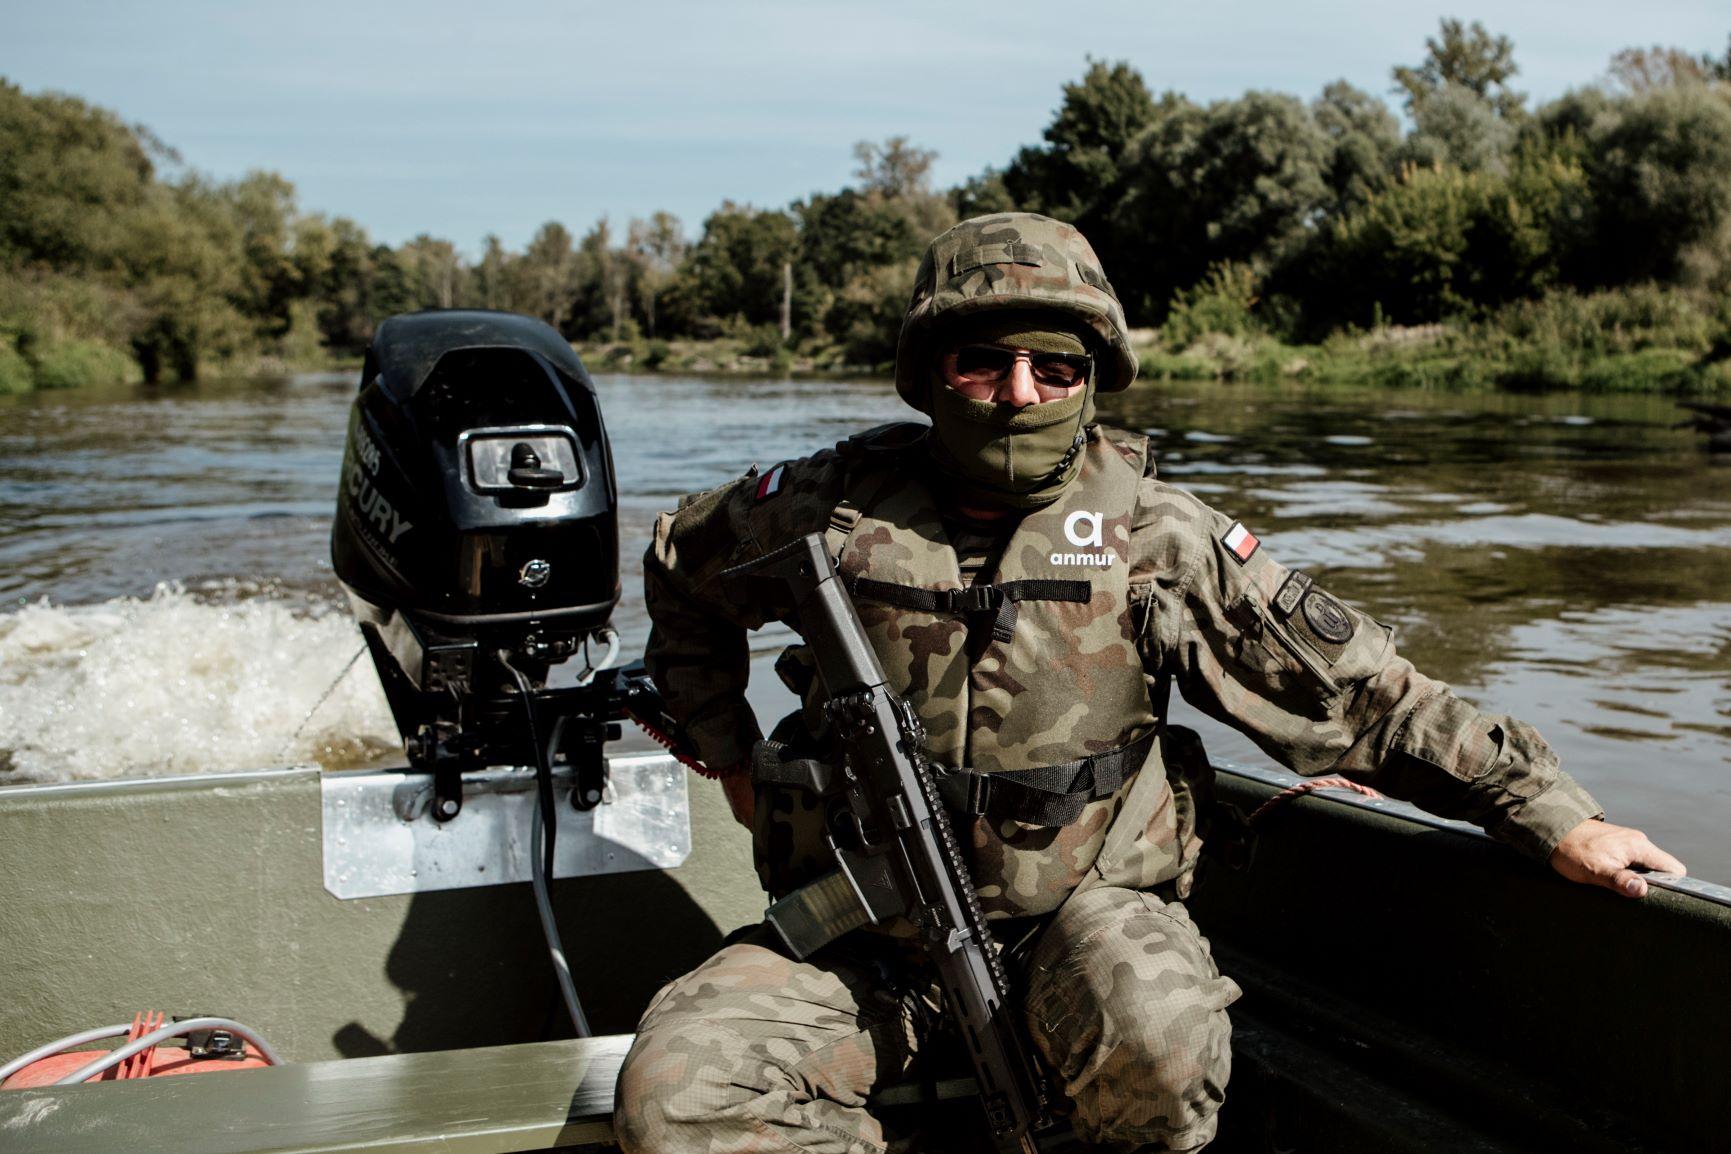 Województwo lubelskie: Terytorialsi patrolują rzekę niedaleko granicy - Zdjęcie główne